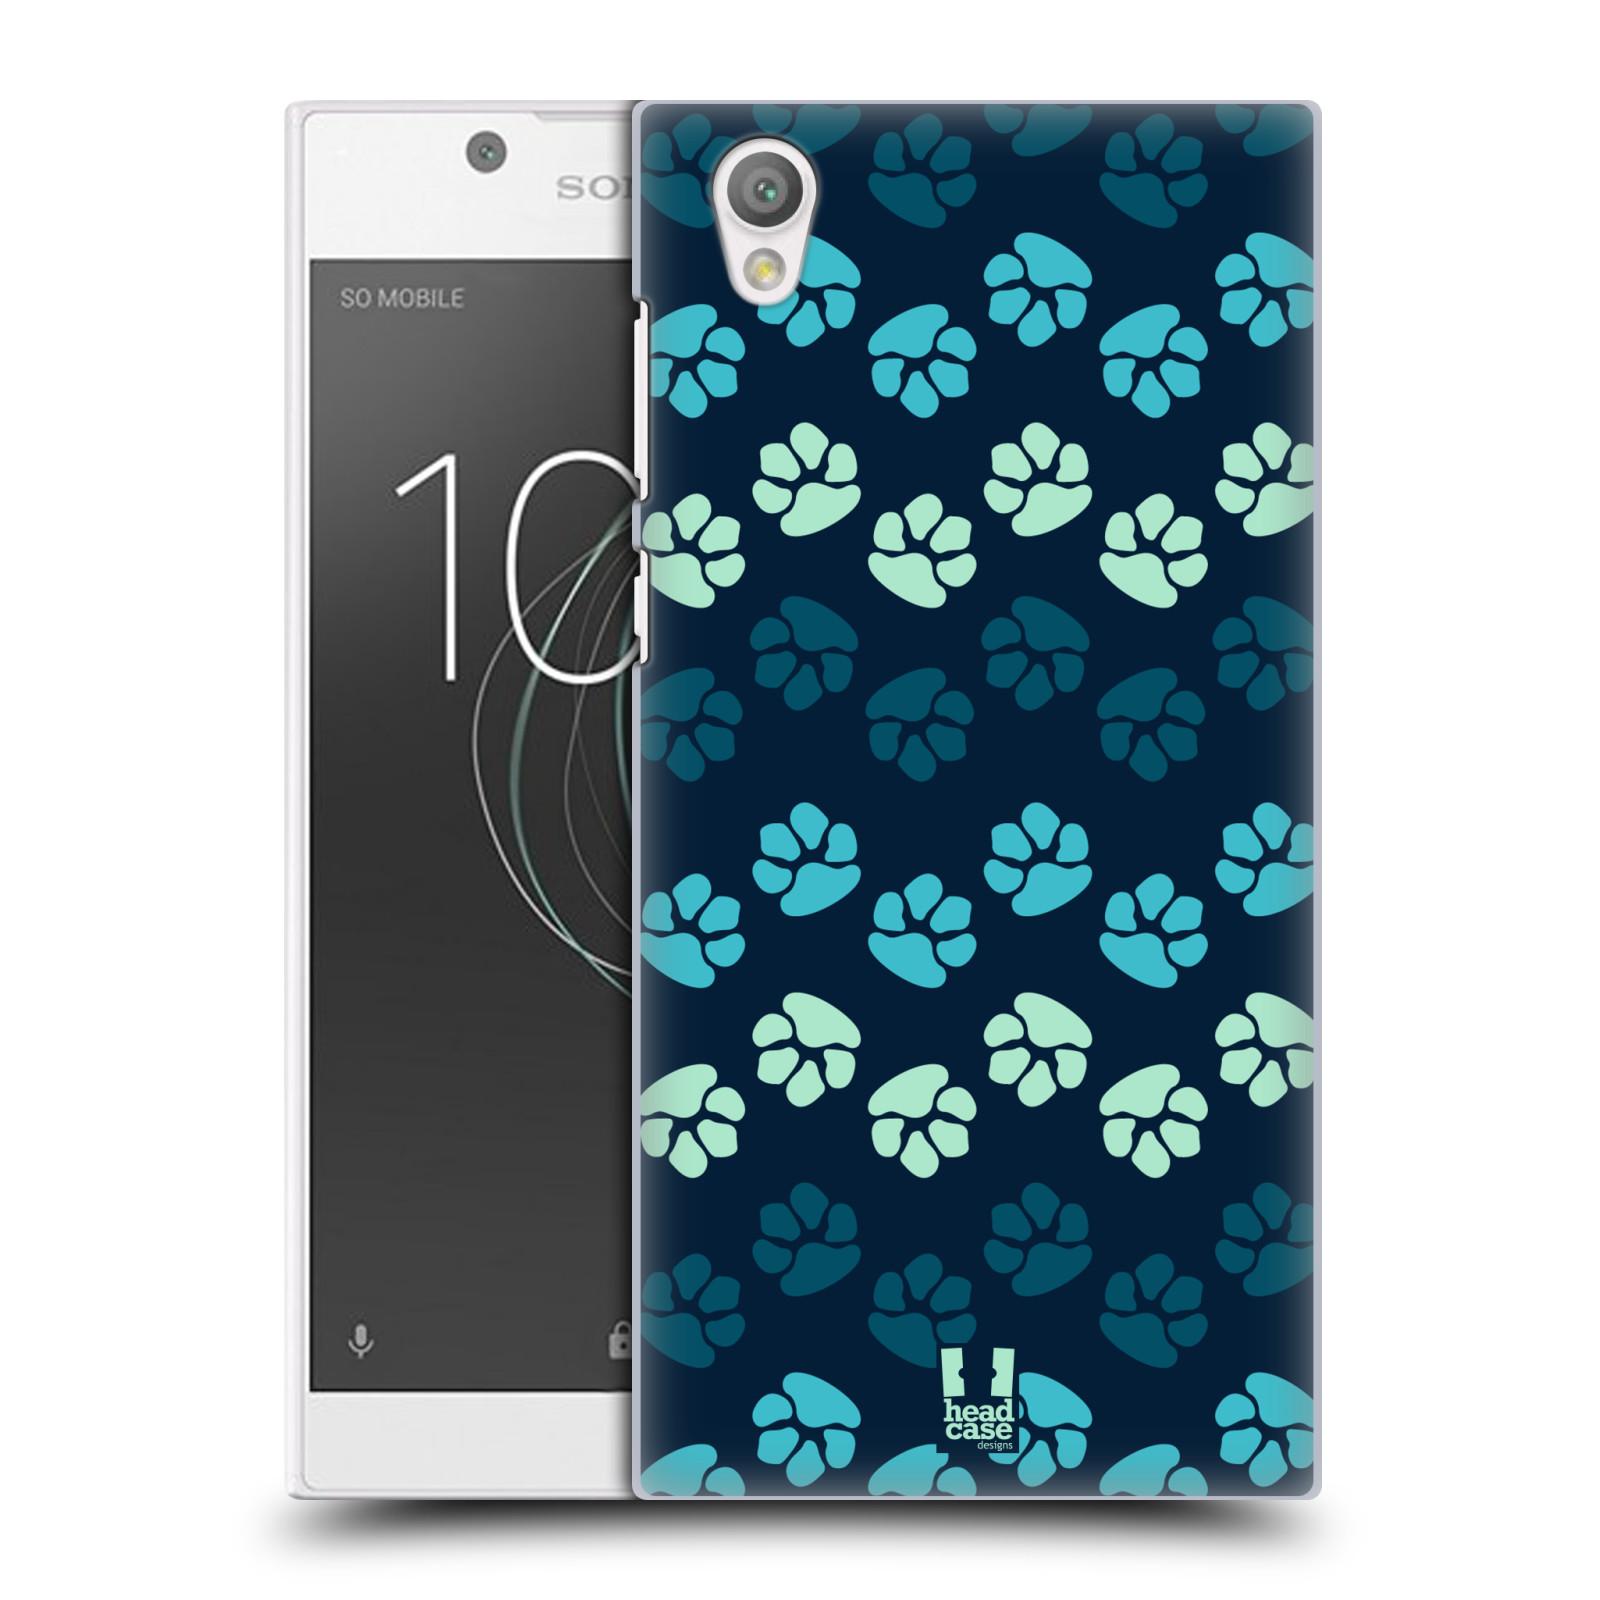 Plastové pouzdro na mobil Sony Xperia L1 - Head Case - TLAPKY MODRÉ (Plastový kryt či obal na mobilní telefon Sony Xperia L1 G3311 s motivem TLAPKY MODRÉ)